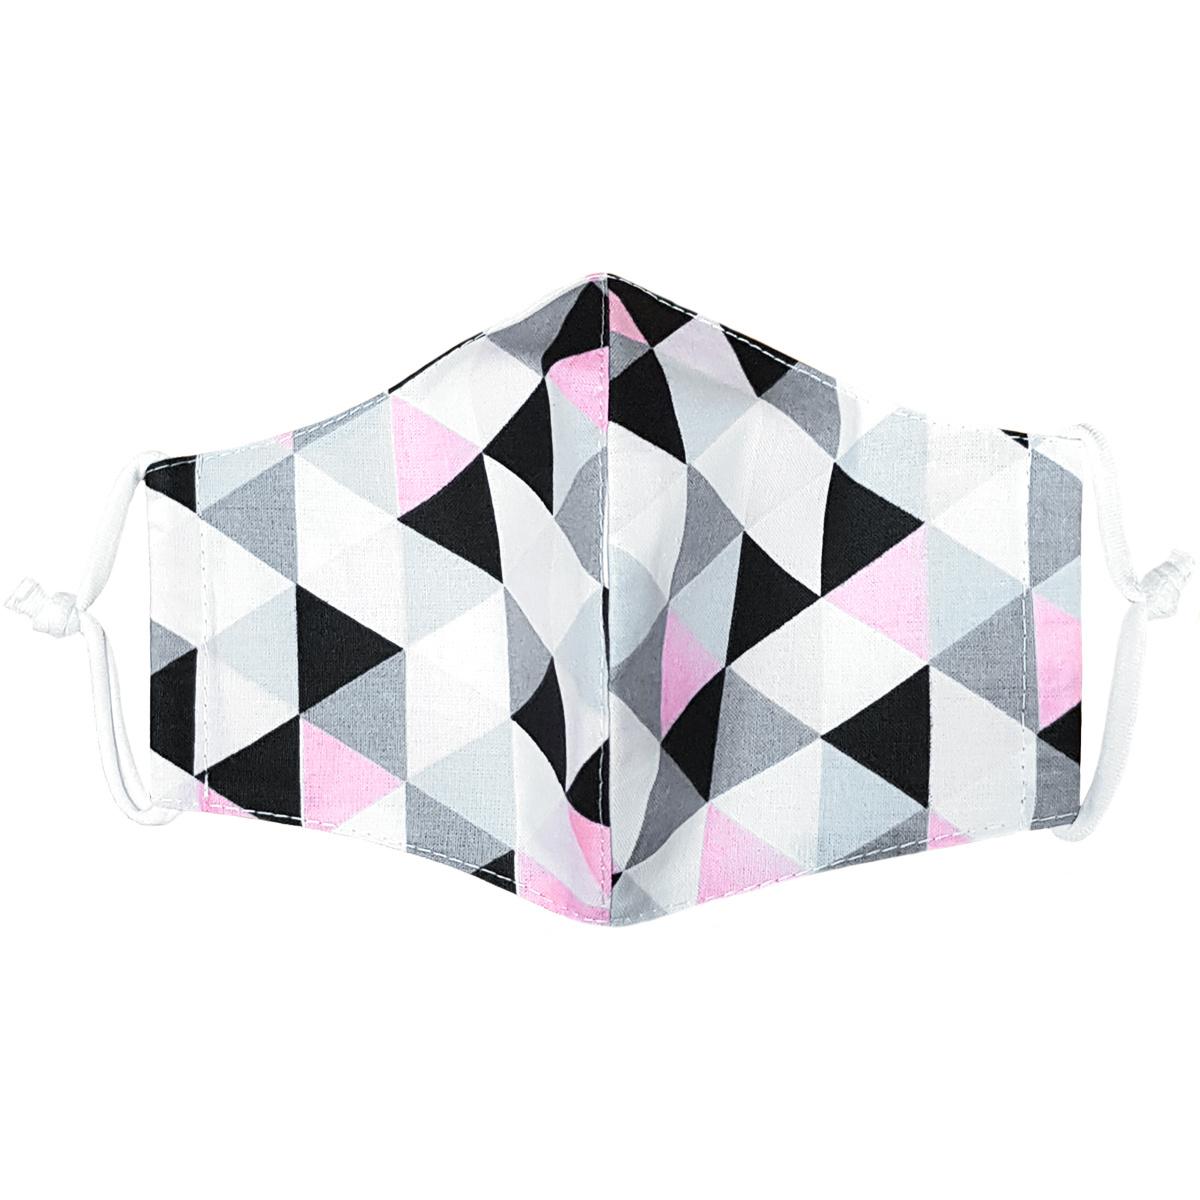 Ústne bavlnené rúško Triangle ružovo-sivá deti 7 - 14 rokov, S (7 - 14 rokov)